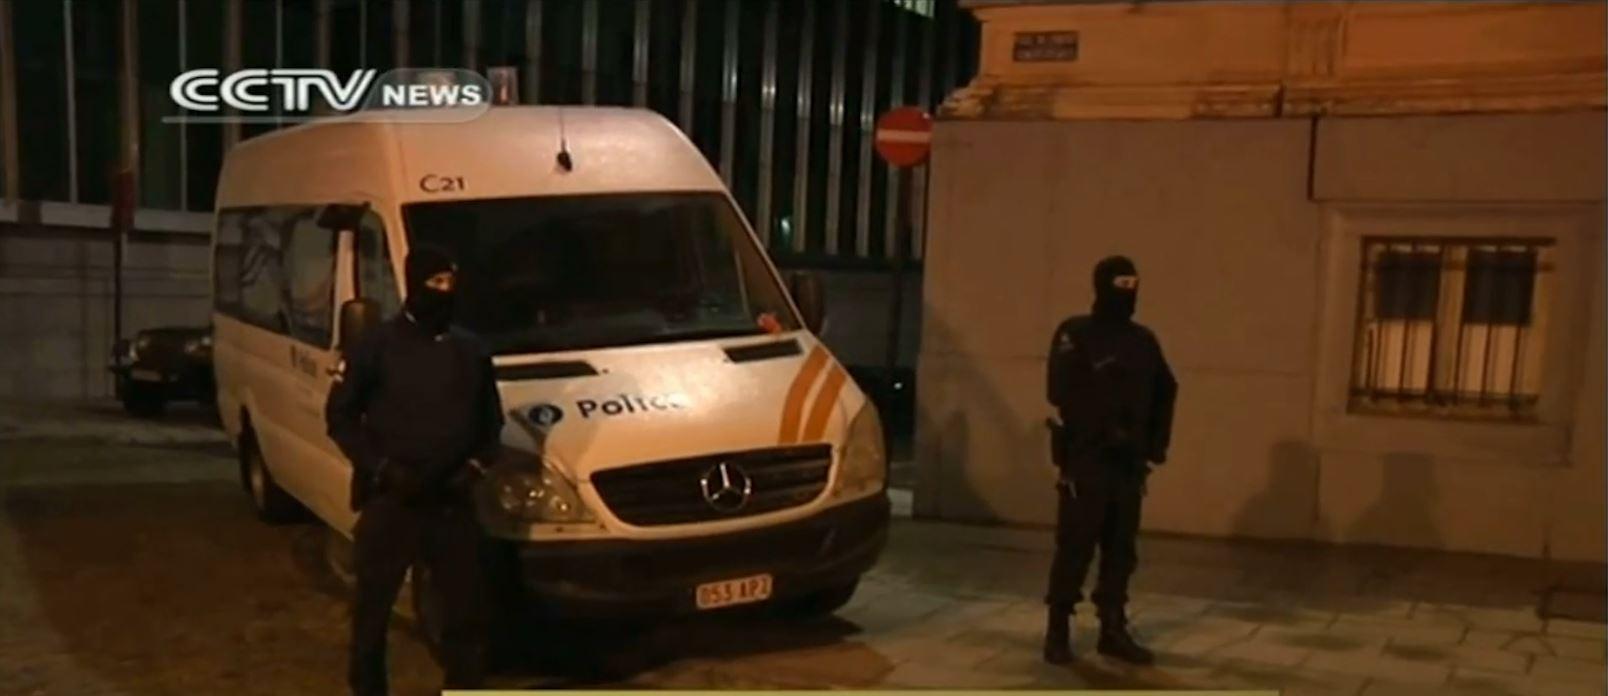 Po planifikonte sulm ndaj ambasadës amerikane në Bruksel, arrestohet i dyshuari